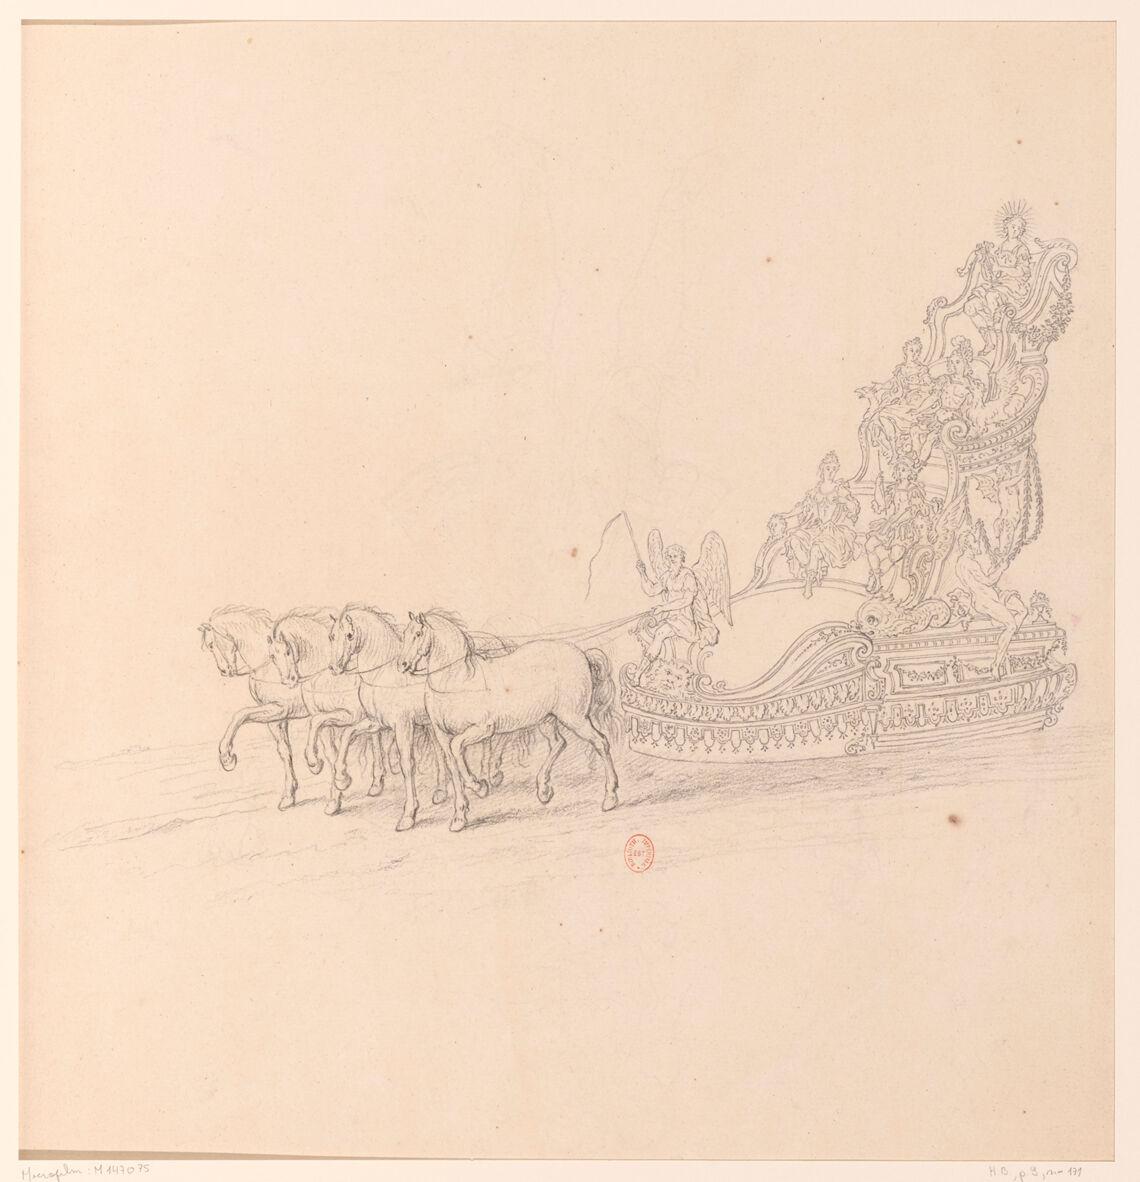 Première journée des Plaisirs de l'Ile enchantée. Le char d'Apollon, conduit par le Temps